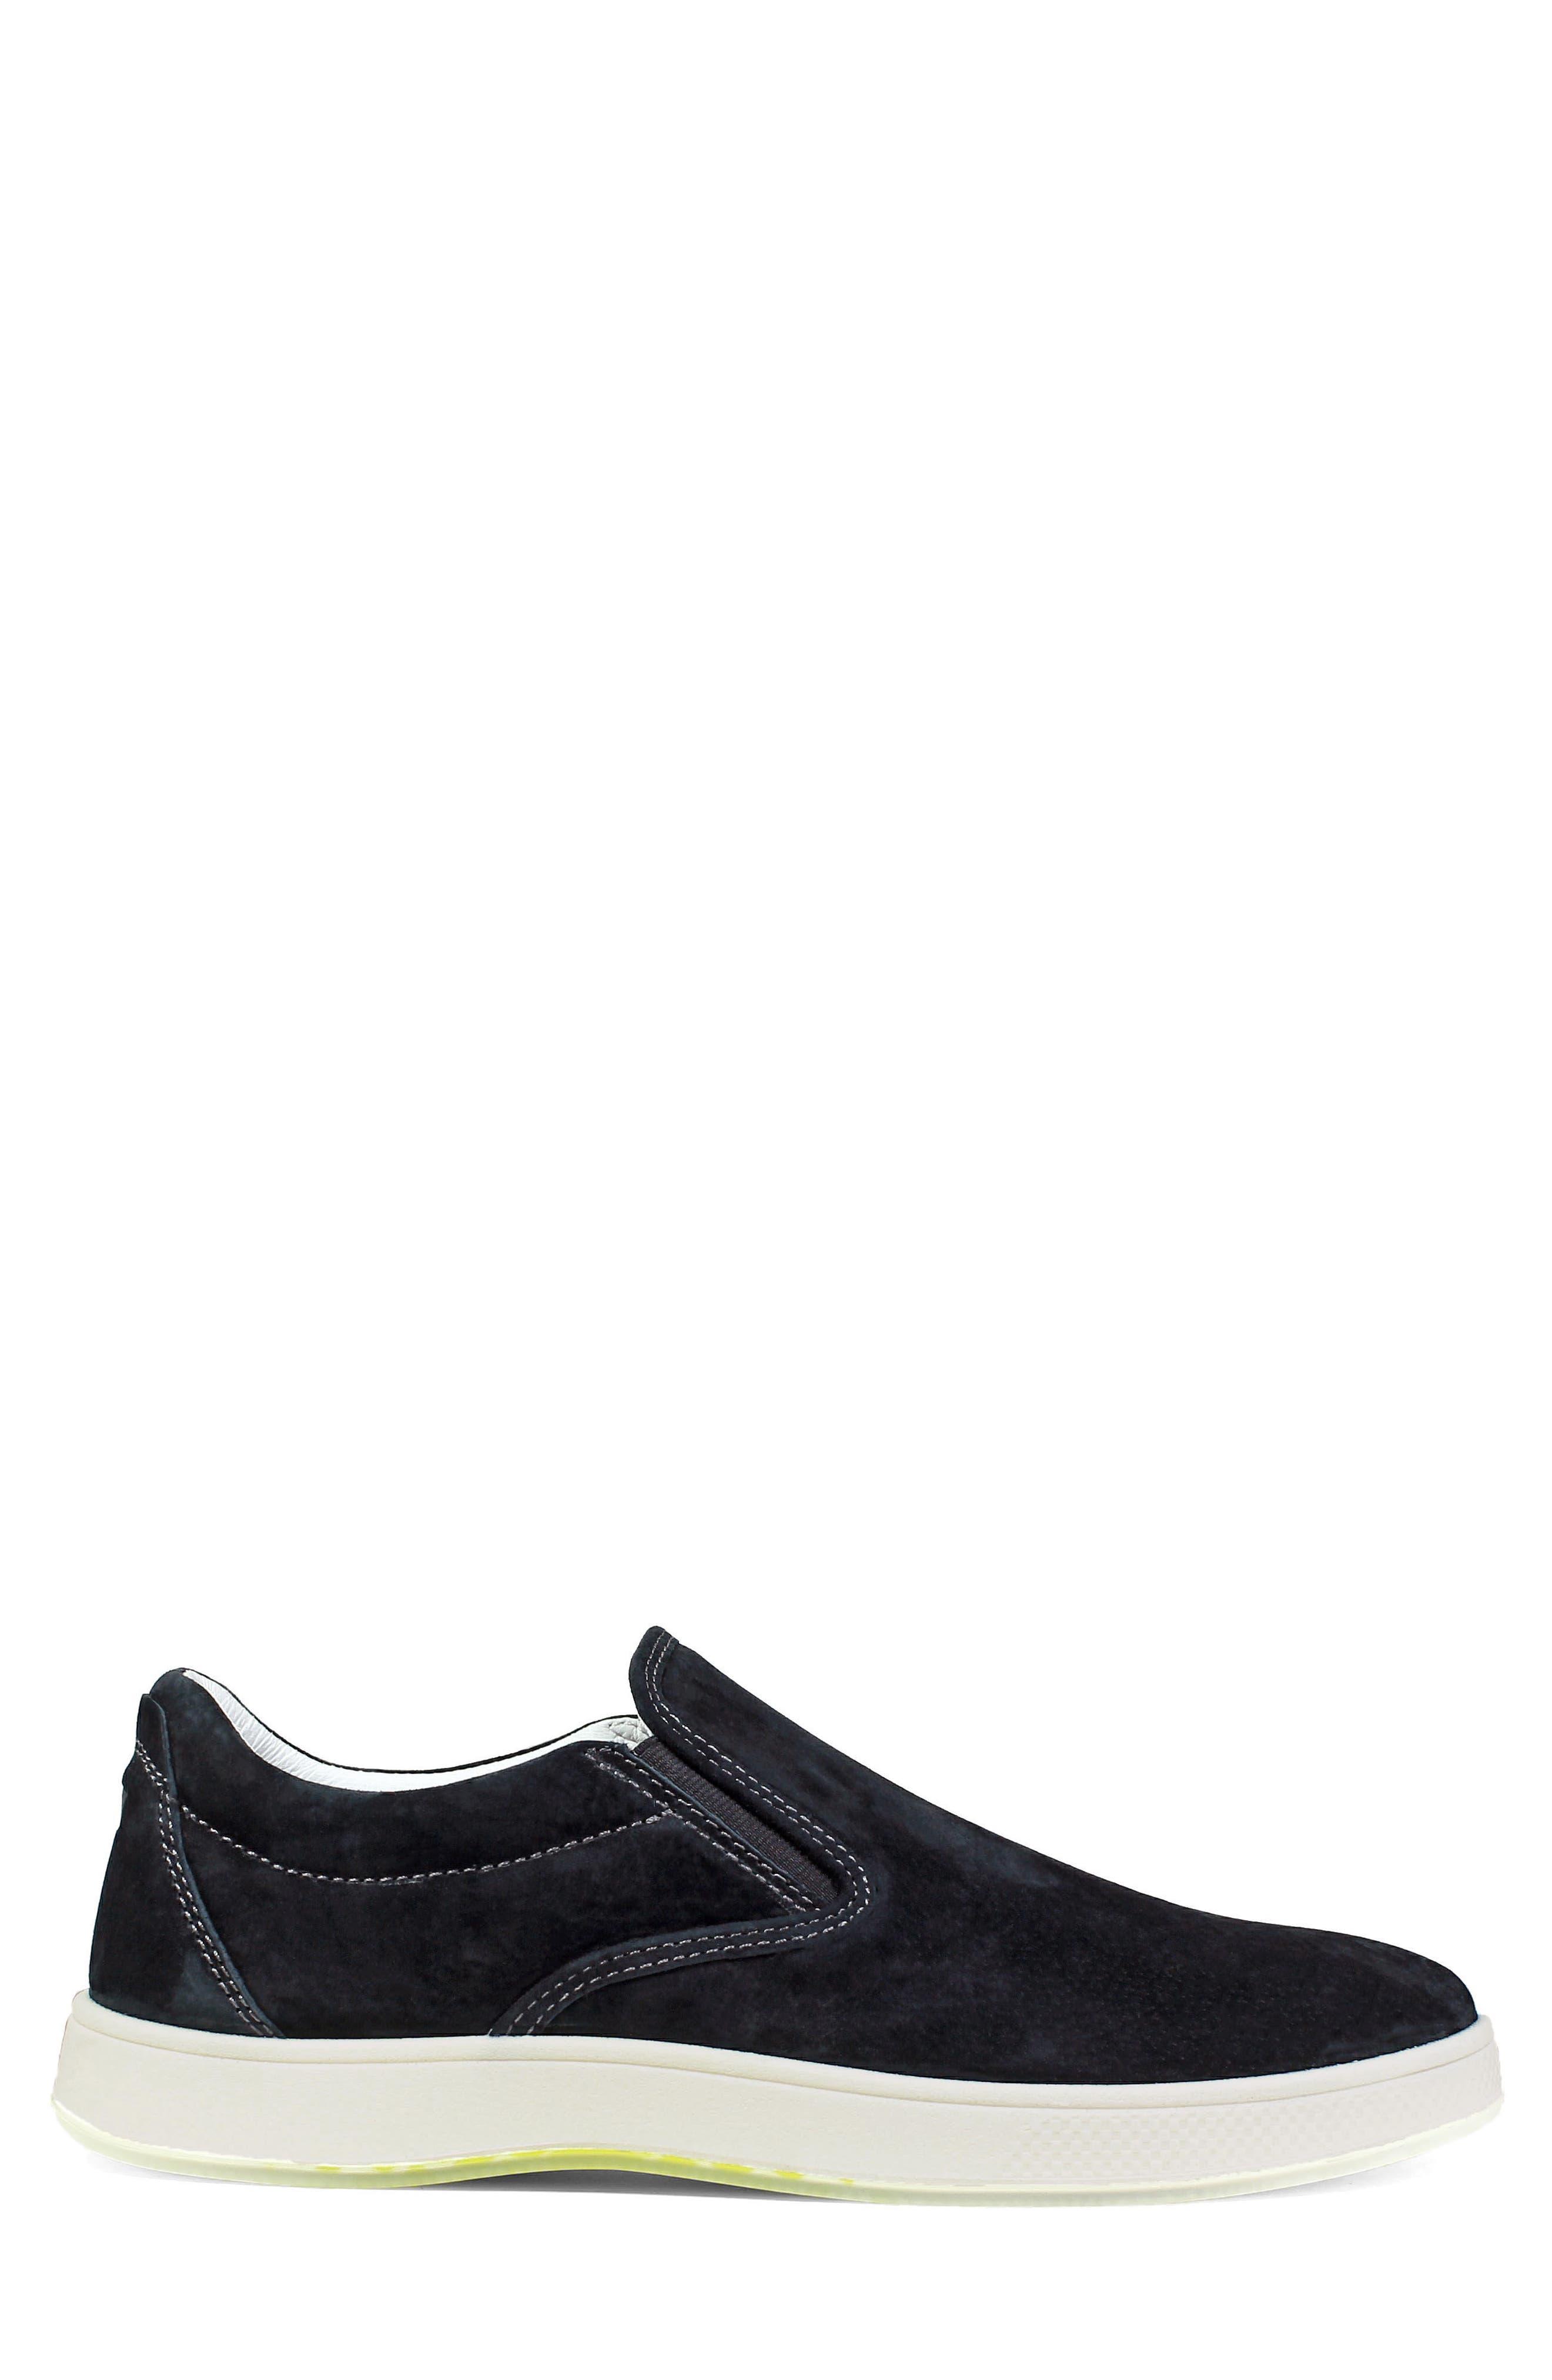 FLORSHEIM,                             Edge Slip-On Sneaker,                             Alternate thumbnail 3, color,                             001